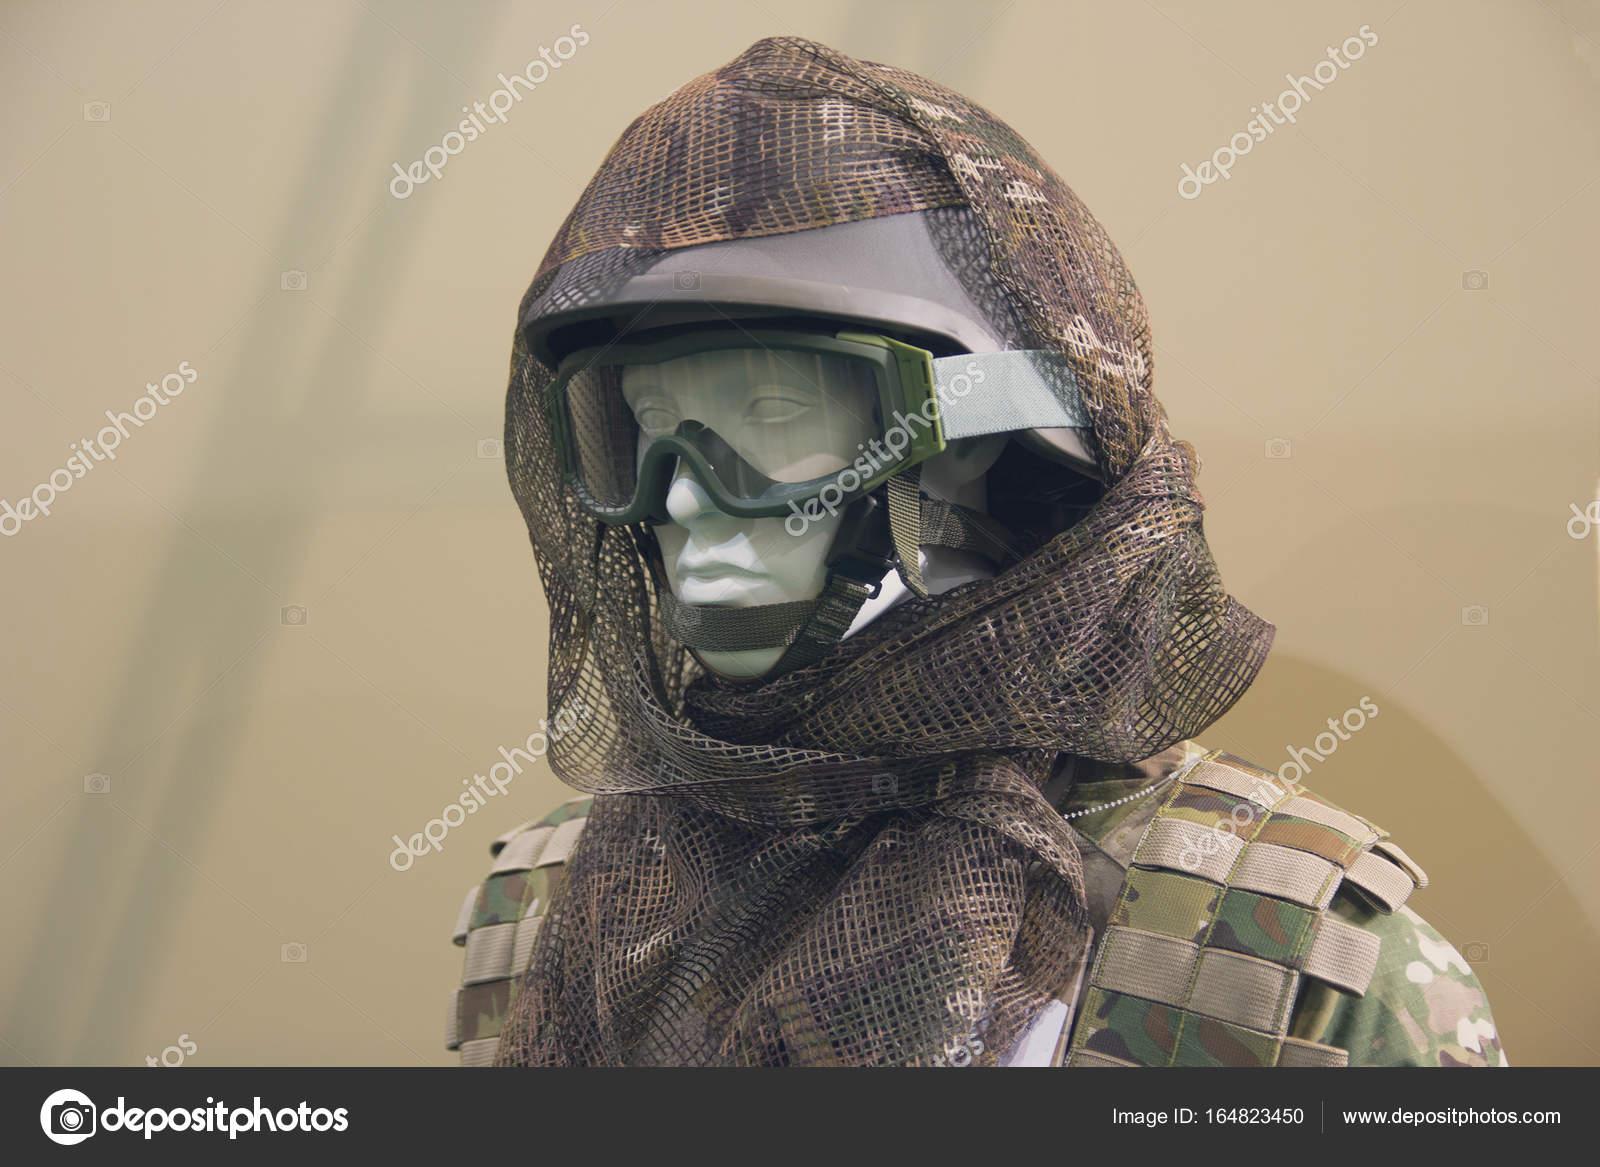 5fc576e39a14b Manequim em um capacete e óculos de proteção táticos — Fotografia de Stock